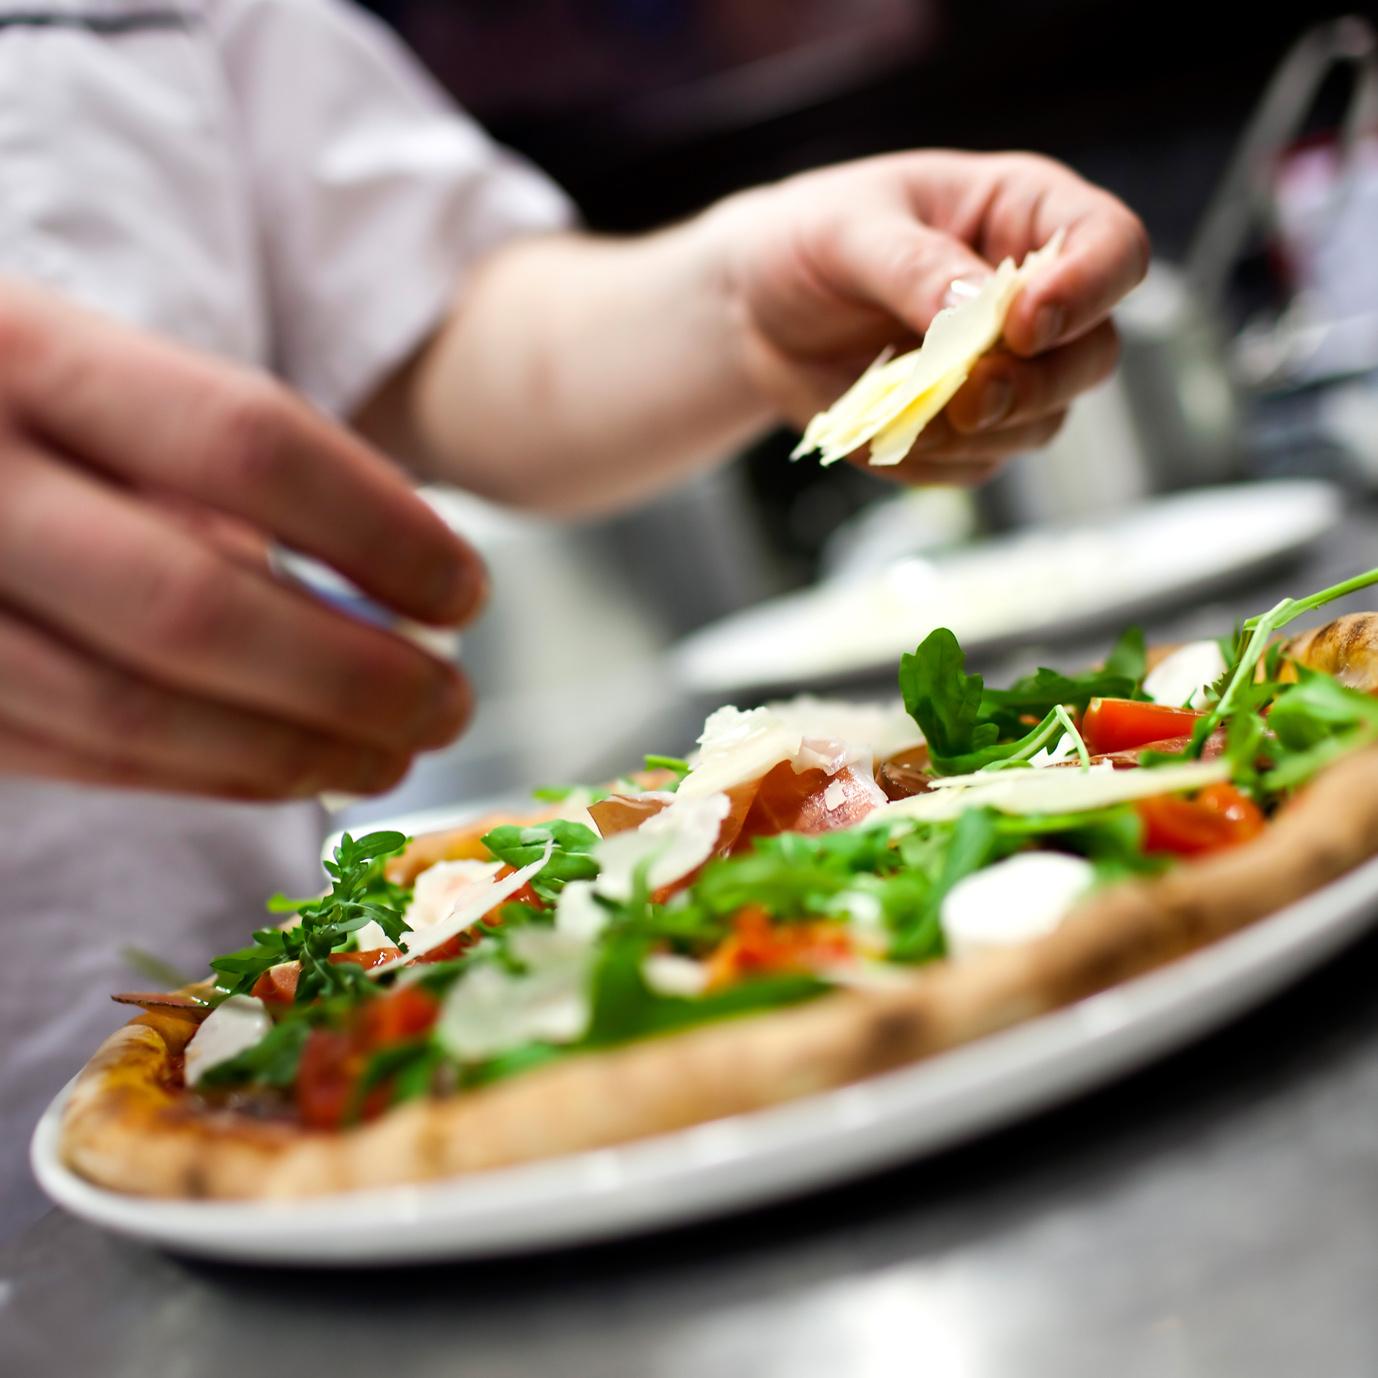 Pizza złota czyli przepis na pyszną pizzę! Jadalne złoto, homar marynowany w koniaku, kawior i szkocki łosoś. Międzynarodowy Dzień Pizzy!